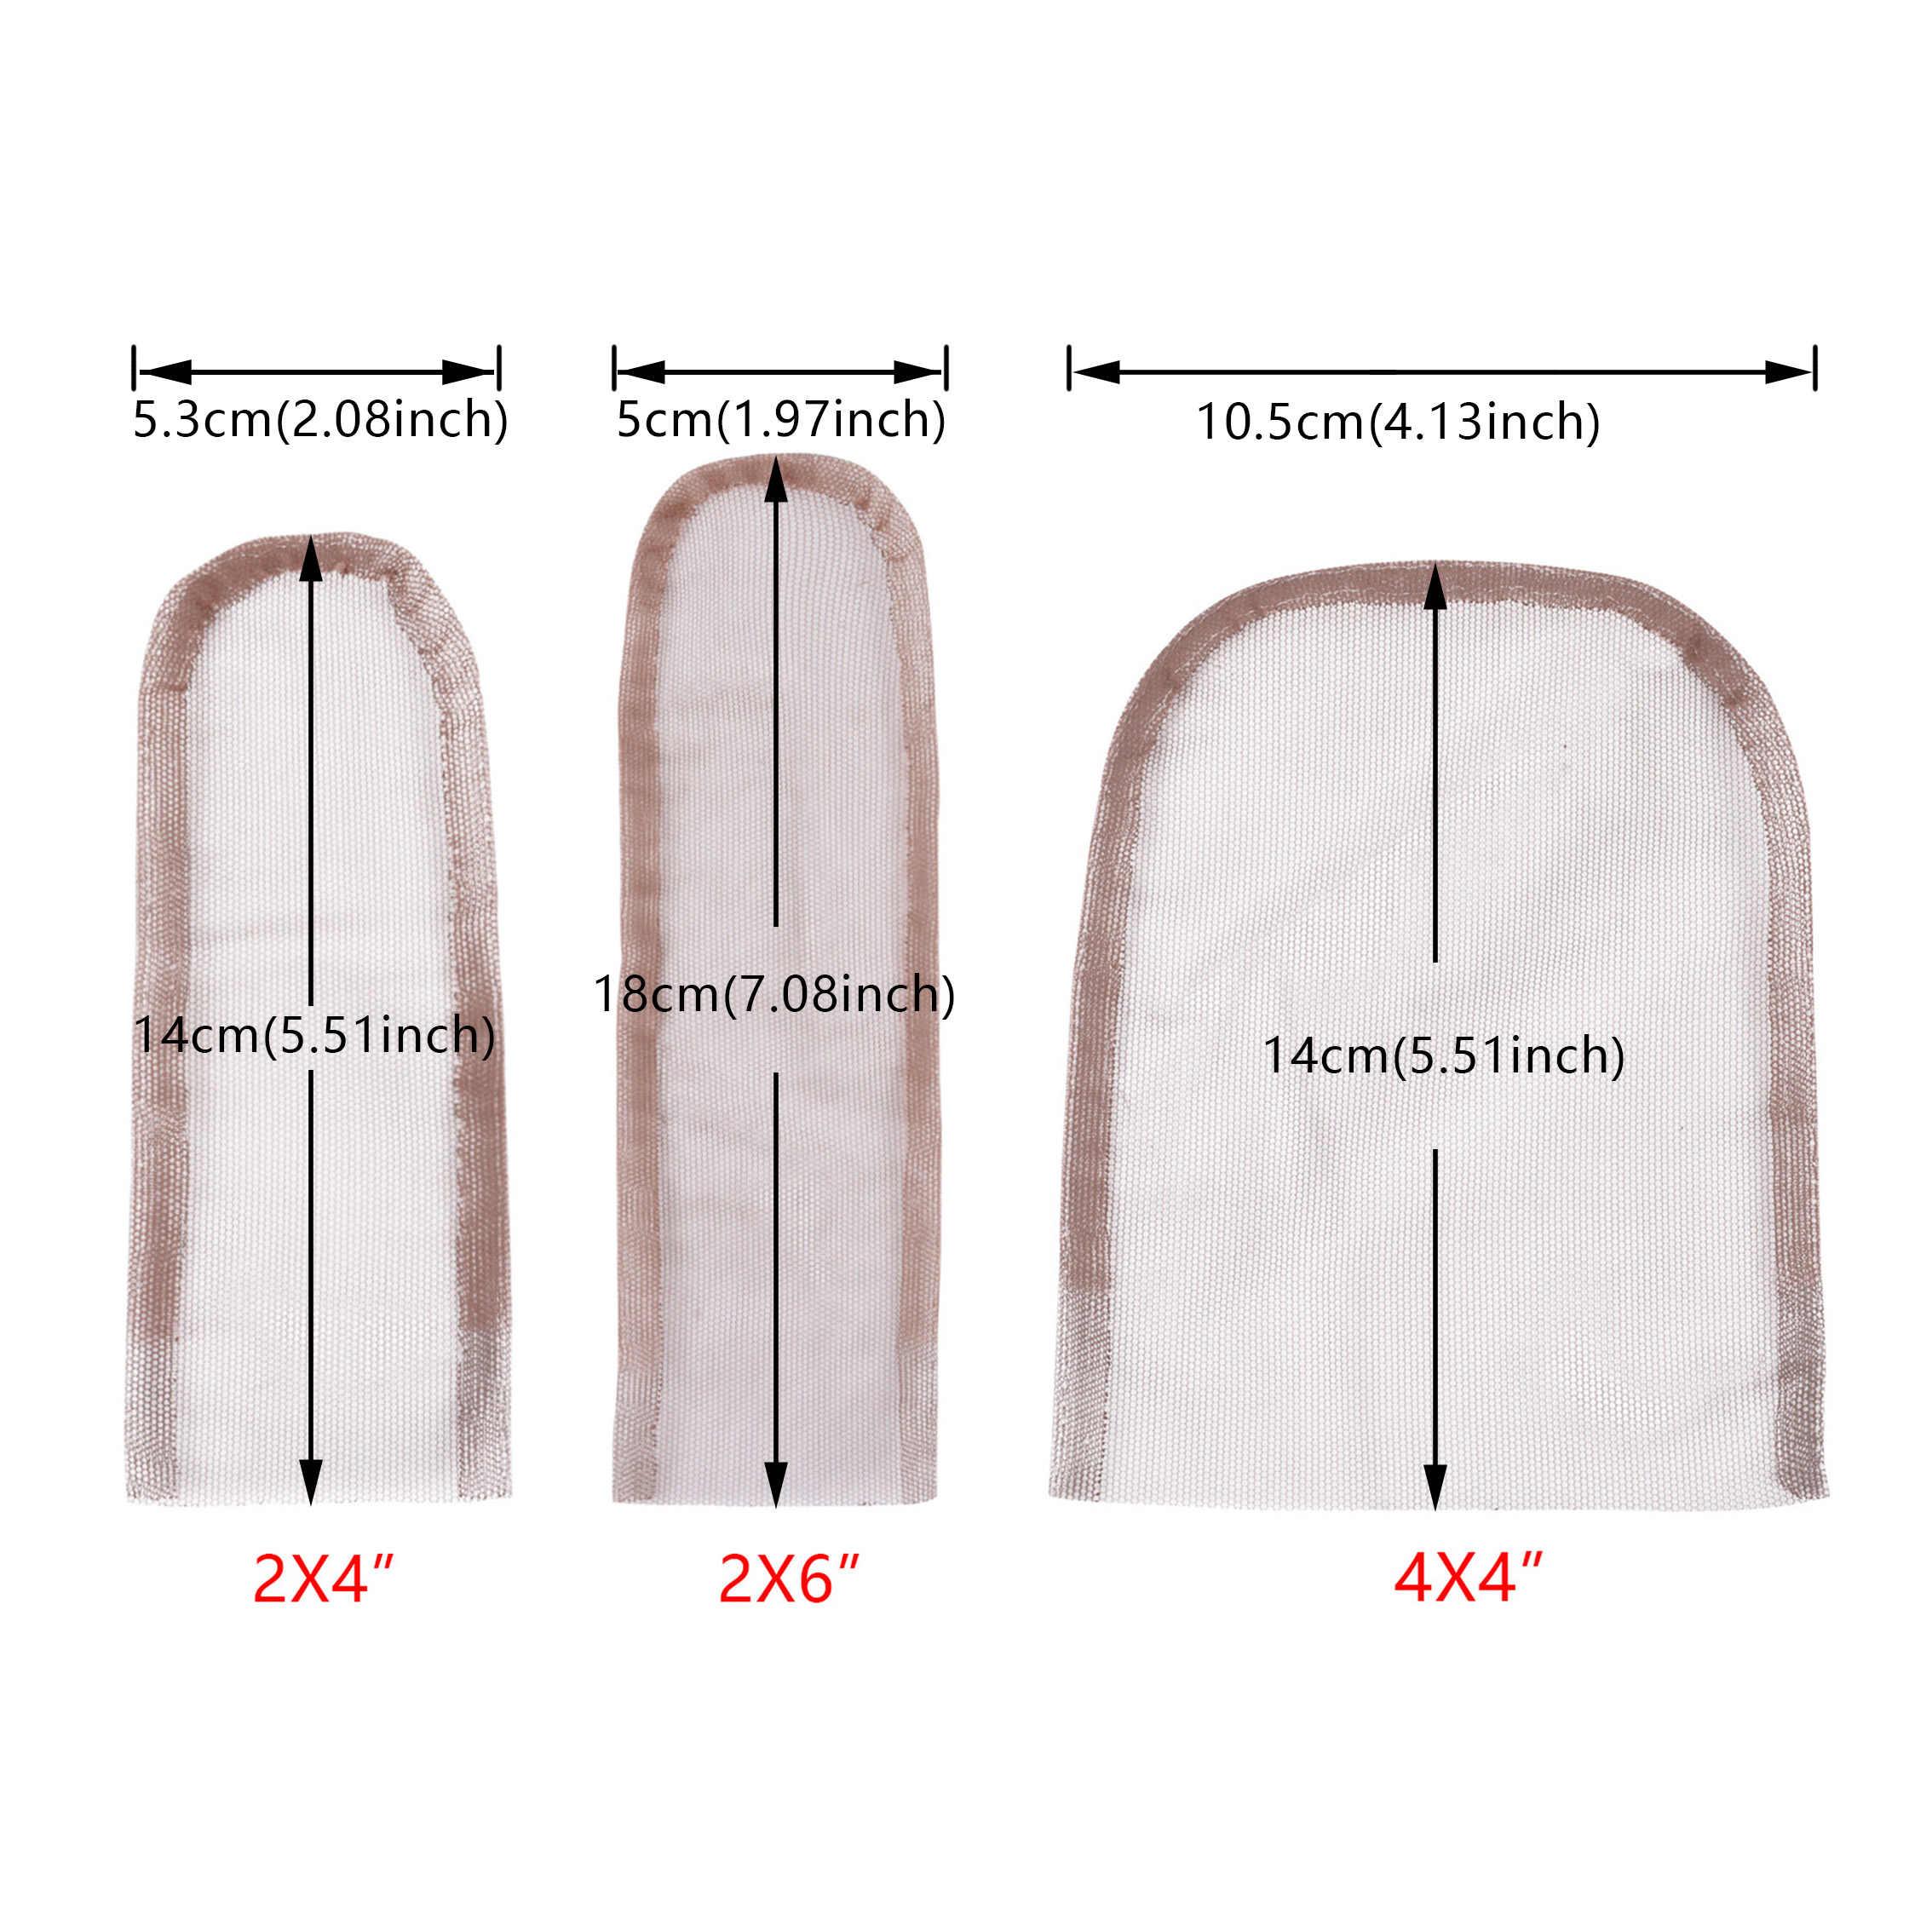 2*4 2*6 4*4 Swiss Renda Penutupan Frontal Dasar Tenunan Tangan Rambut Bersih Potongan untuk Membuat Renda Wig Topi Penutupan Wig Aksesori